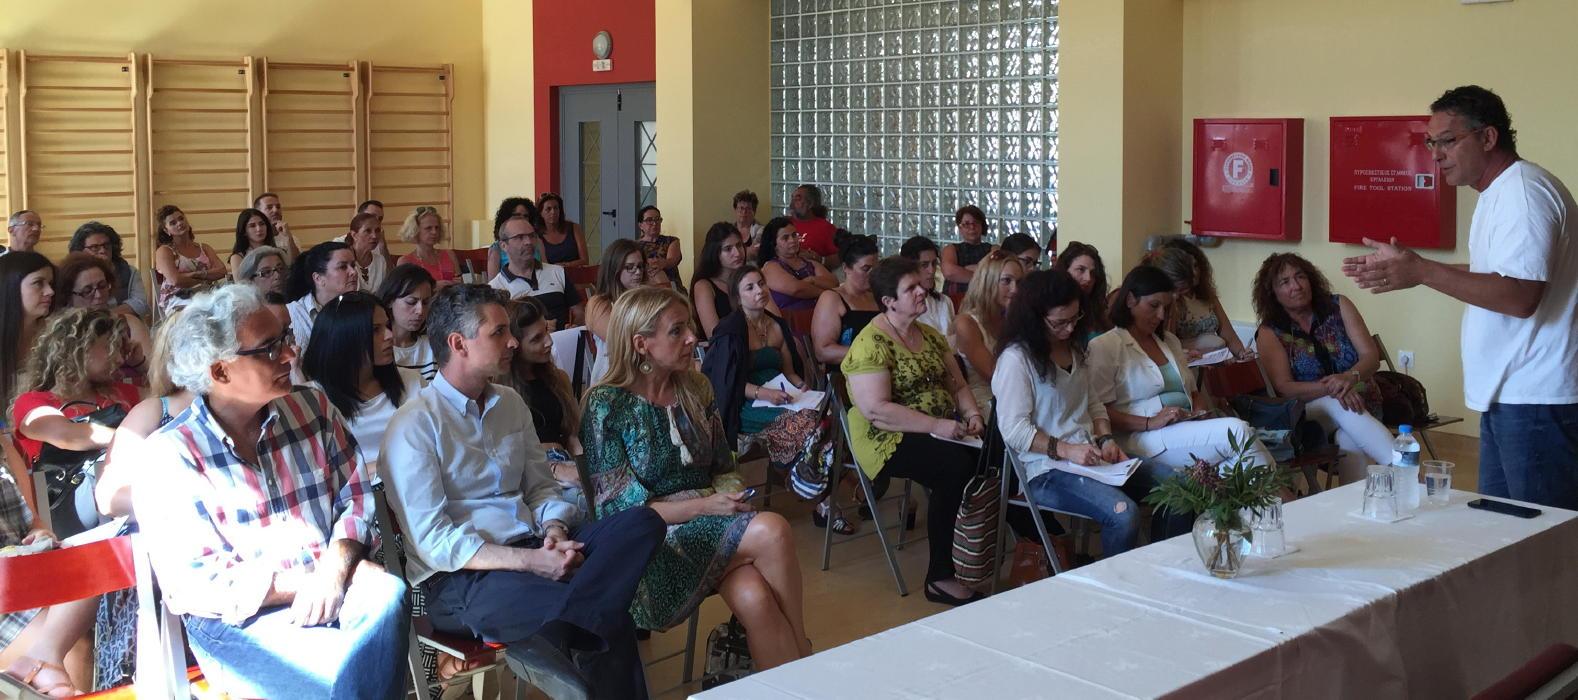 2ο θερινό Πανεπιστήμιο  στην Άνδρο july 2016 vanglouk androsfilm  (5)